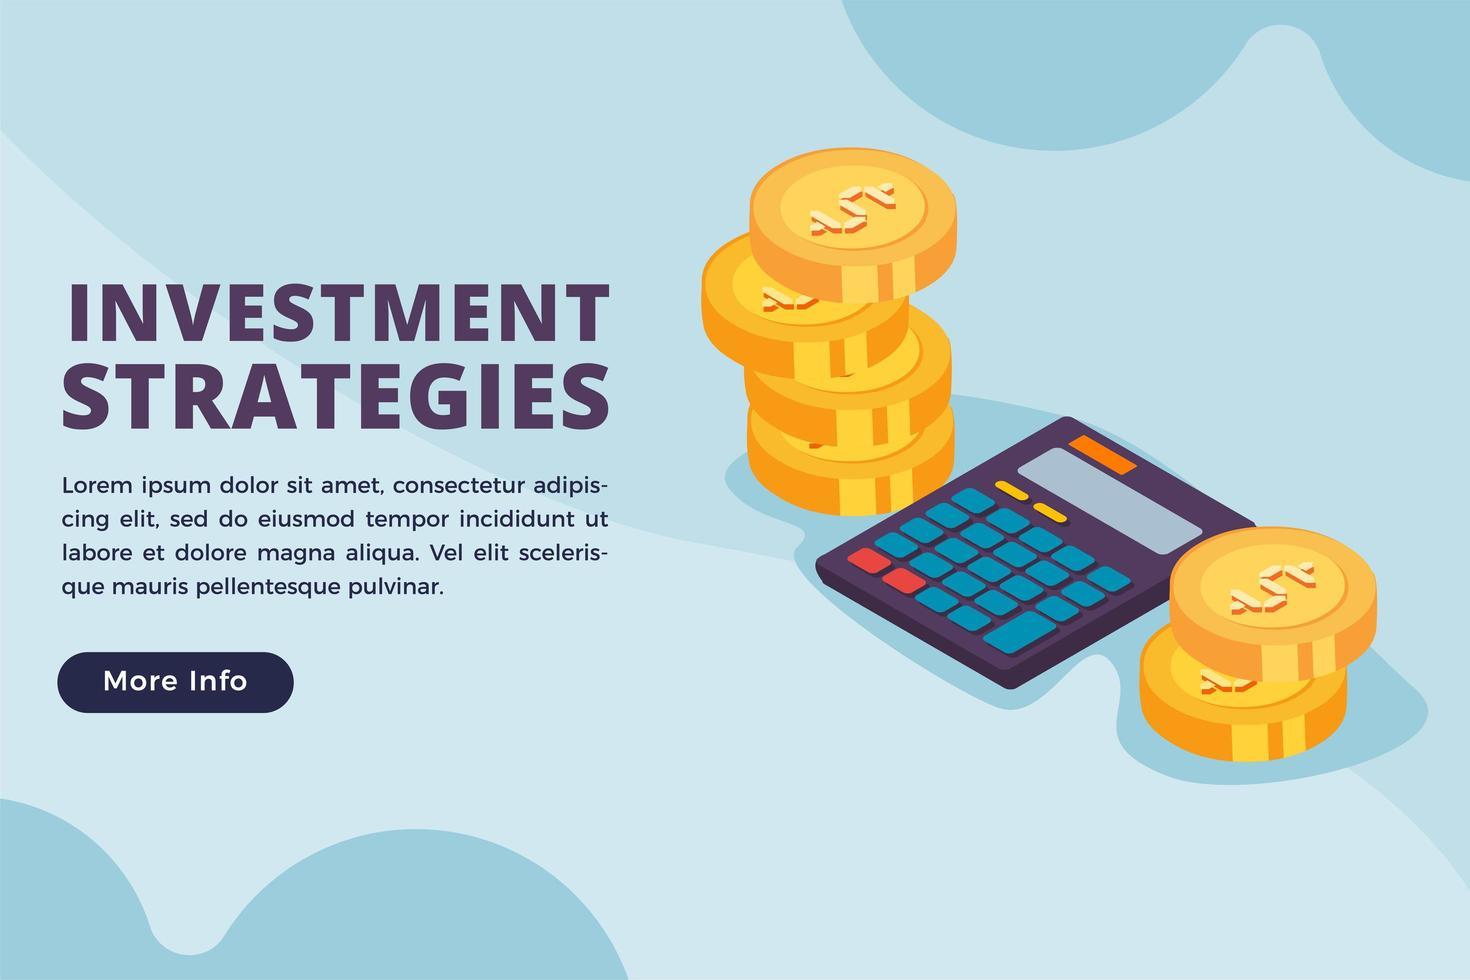 conceito de negócios de estratégias de investimento vetor